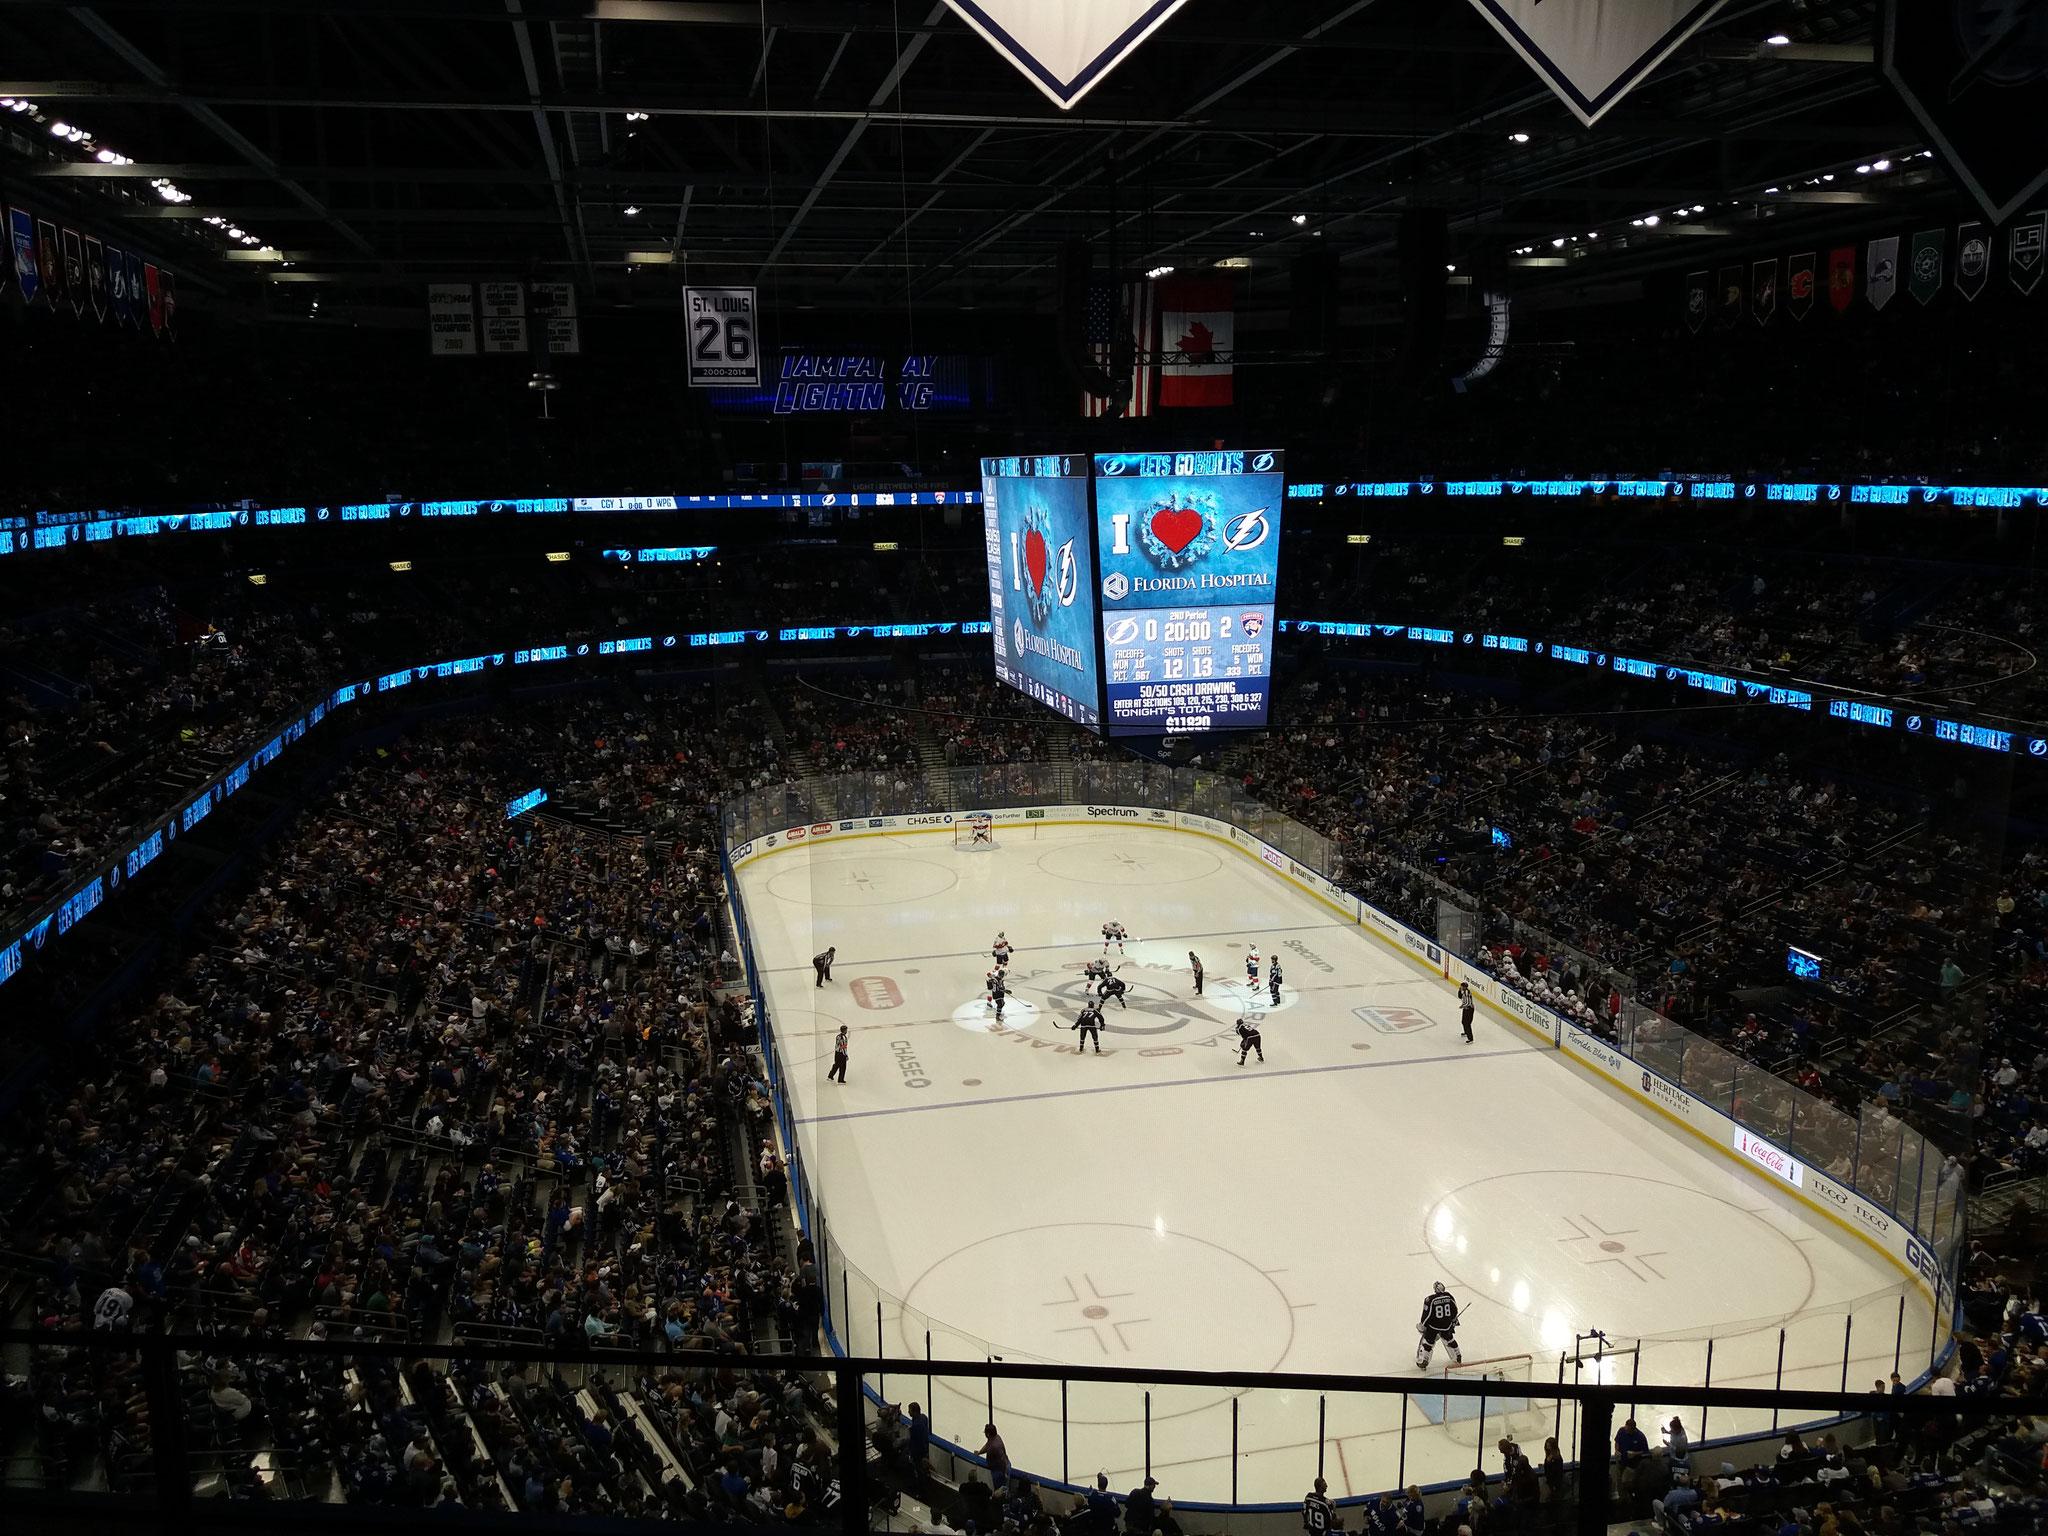 Tampa Bay Lightnings vs Florida Panthers